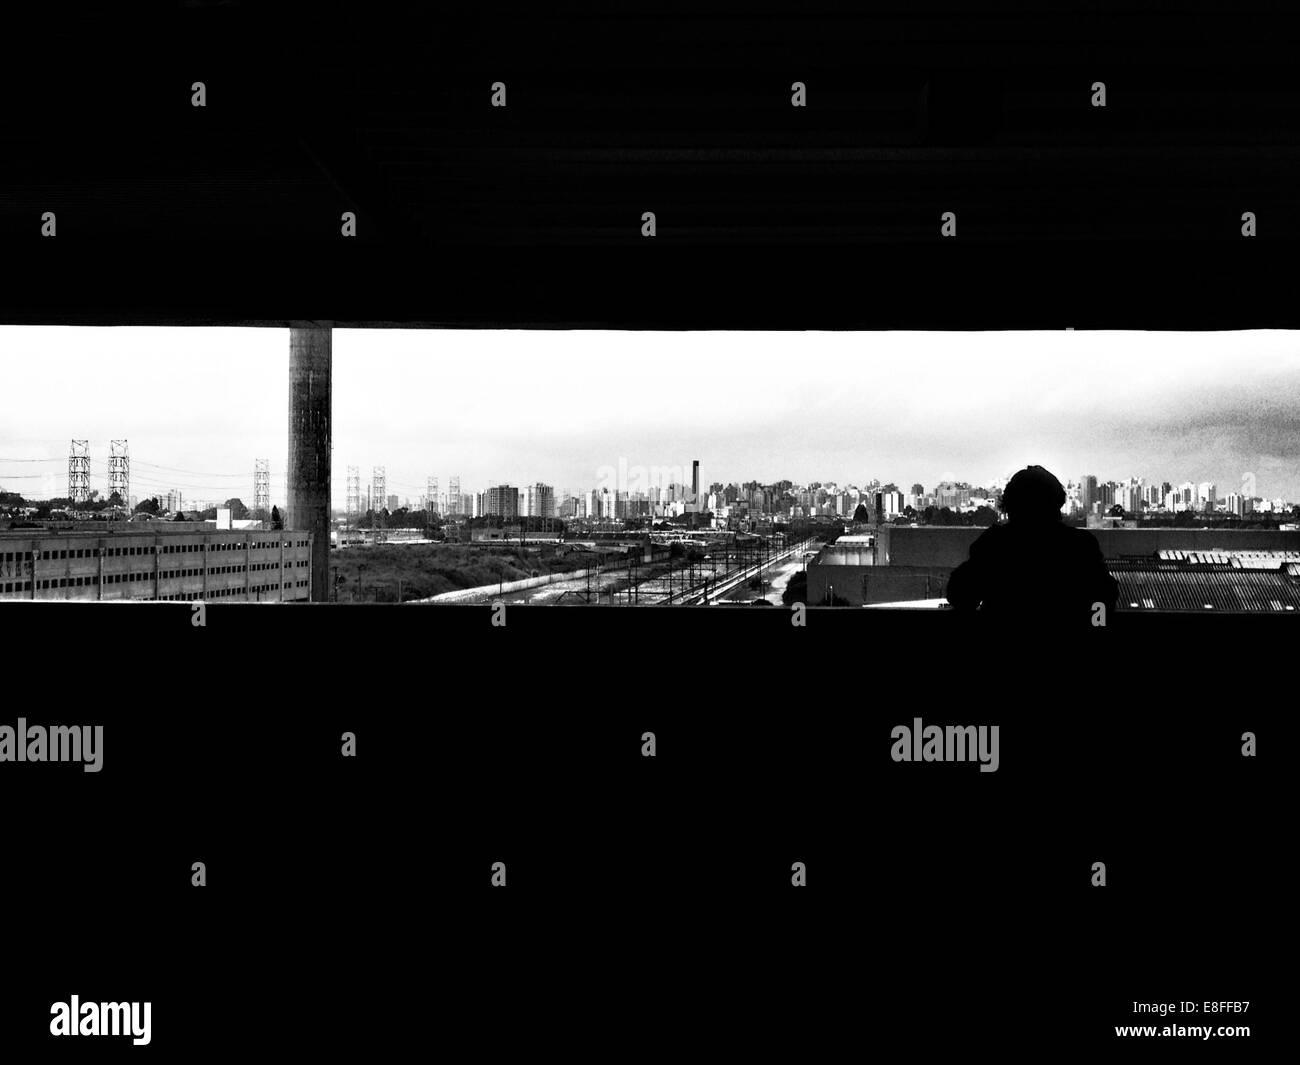 Silueta de una persona mirando el horizonte de la ciudad, Sao Paulo, Brasil. Imagen De Stock